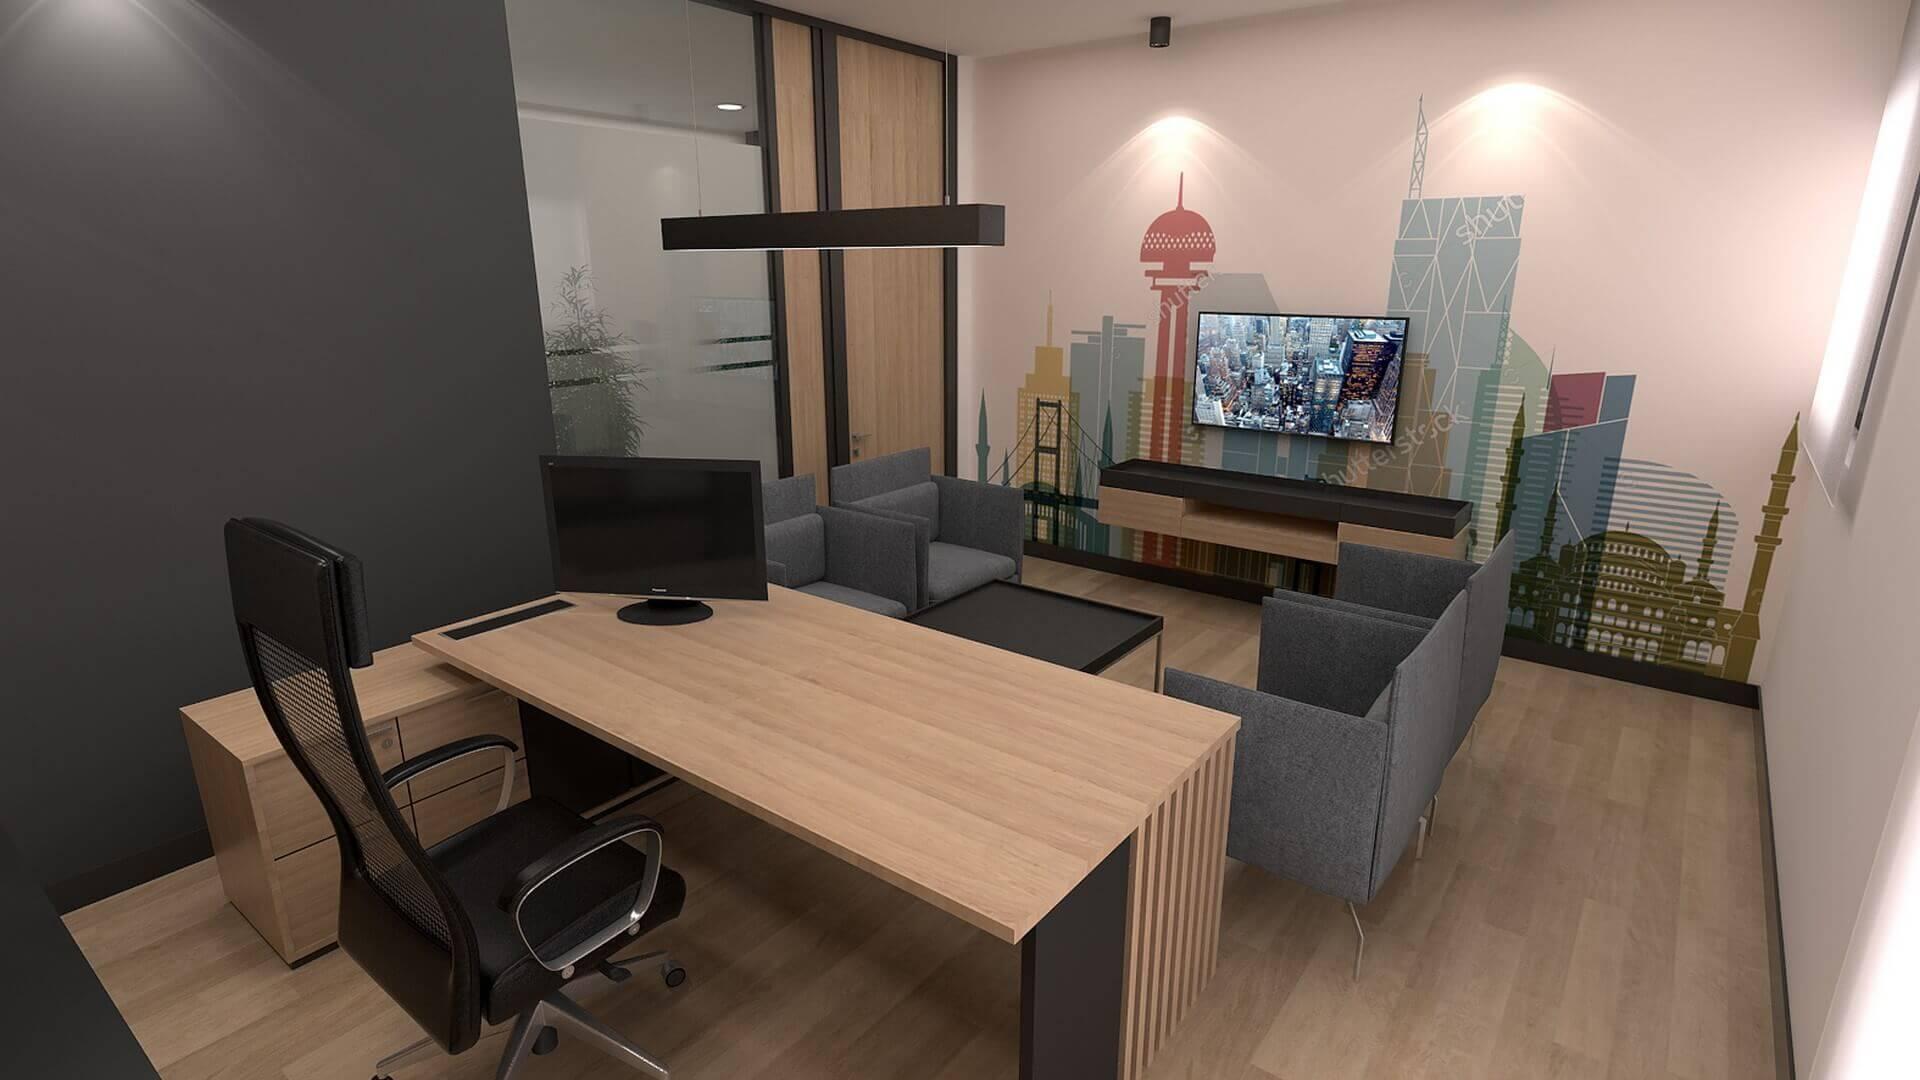 ofis içmimari 2424 Şahin Planlama Ofisler